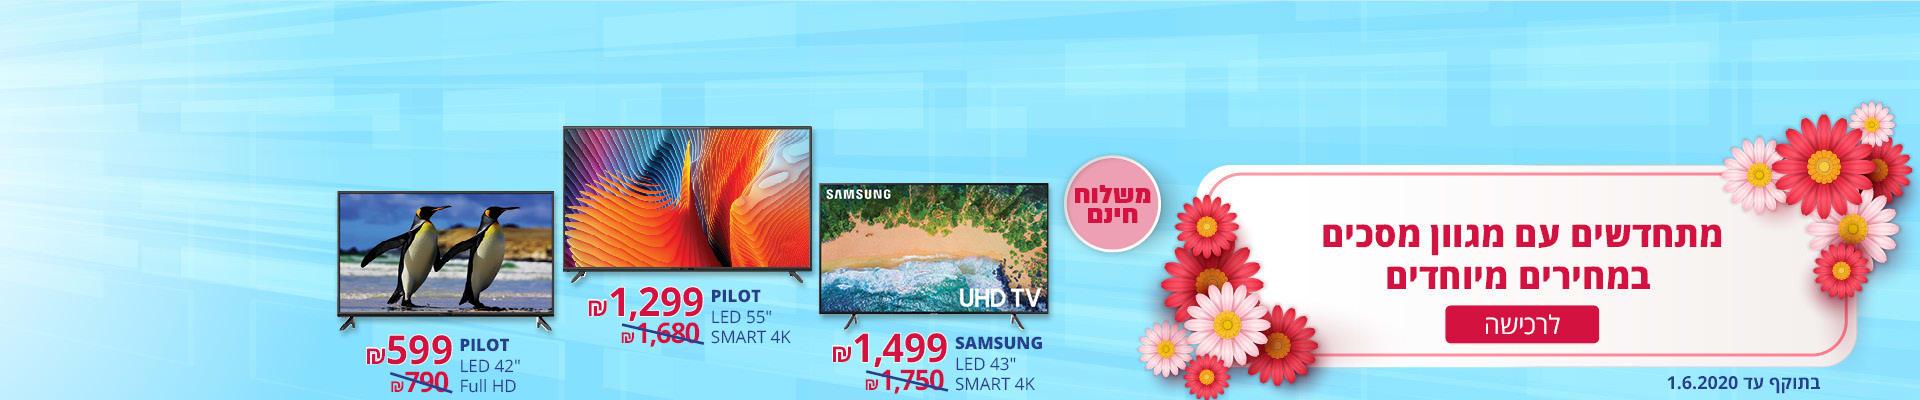 """מתחדשים עם מגוון מסכים במחירים מיוחדים ומשלוח חינם! LED 55"""" SMART 4K PILOT ב-1299 ₪, LED 42"""" Full HD PILOT ב- 599 ₪, LED 43"""" SMART 4K SAMSUNG ב-1499 ₪. בתוקף עד 1.6.2020."""